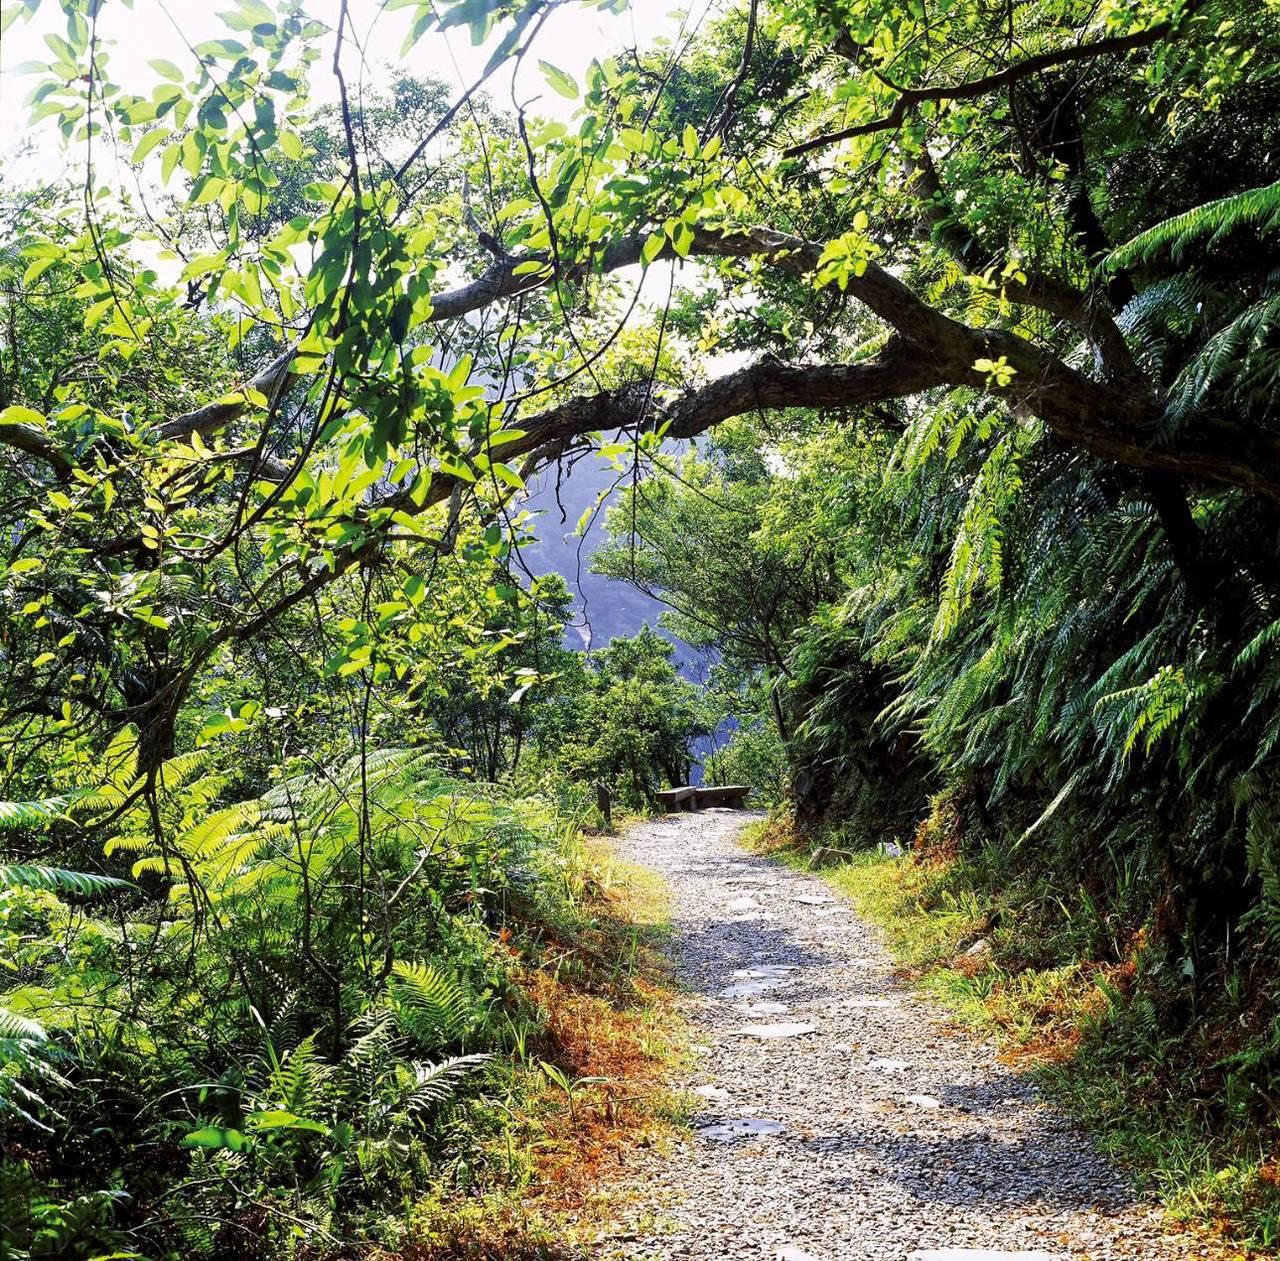 跑馬步道沿途為低海拔森林生態環境,林相完整豐富。圖/林務局羅東林區管理處提供